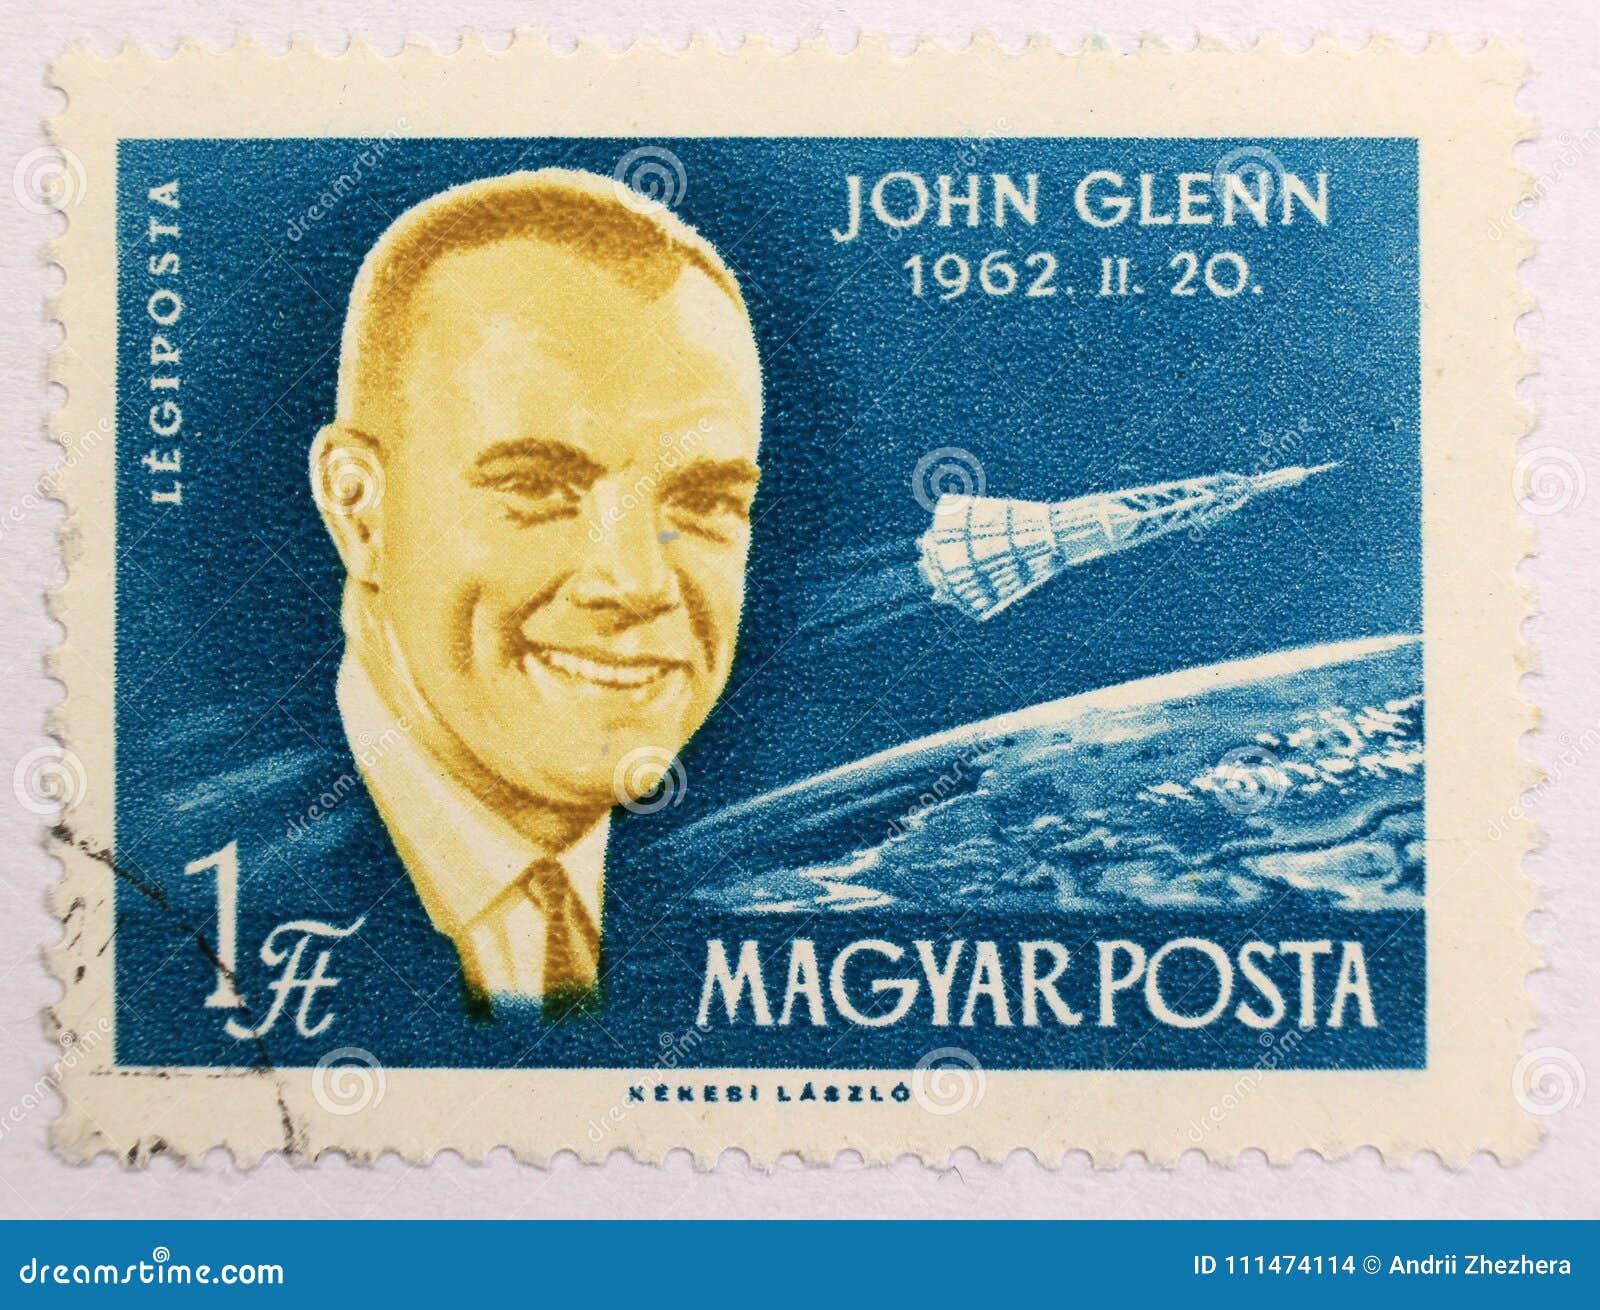 Stary poczta znaczek Węgry, dedykujący eksploracja przestrzeni kosmicznej i pierwszy astronauta